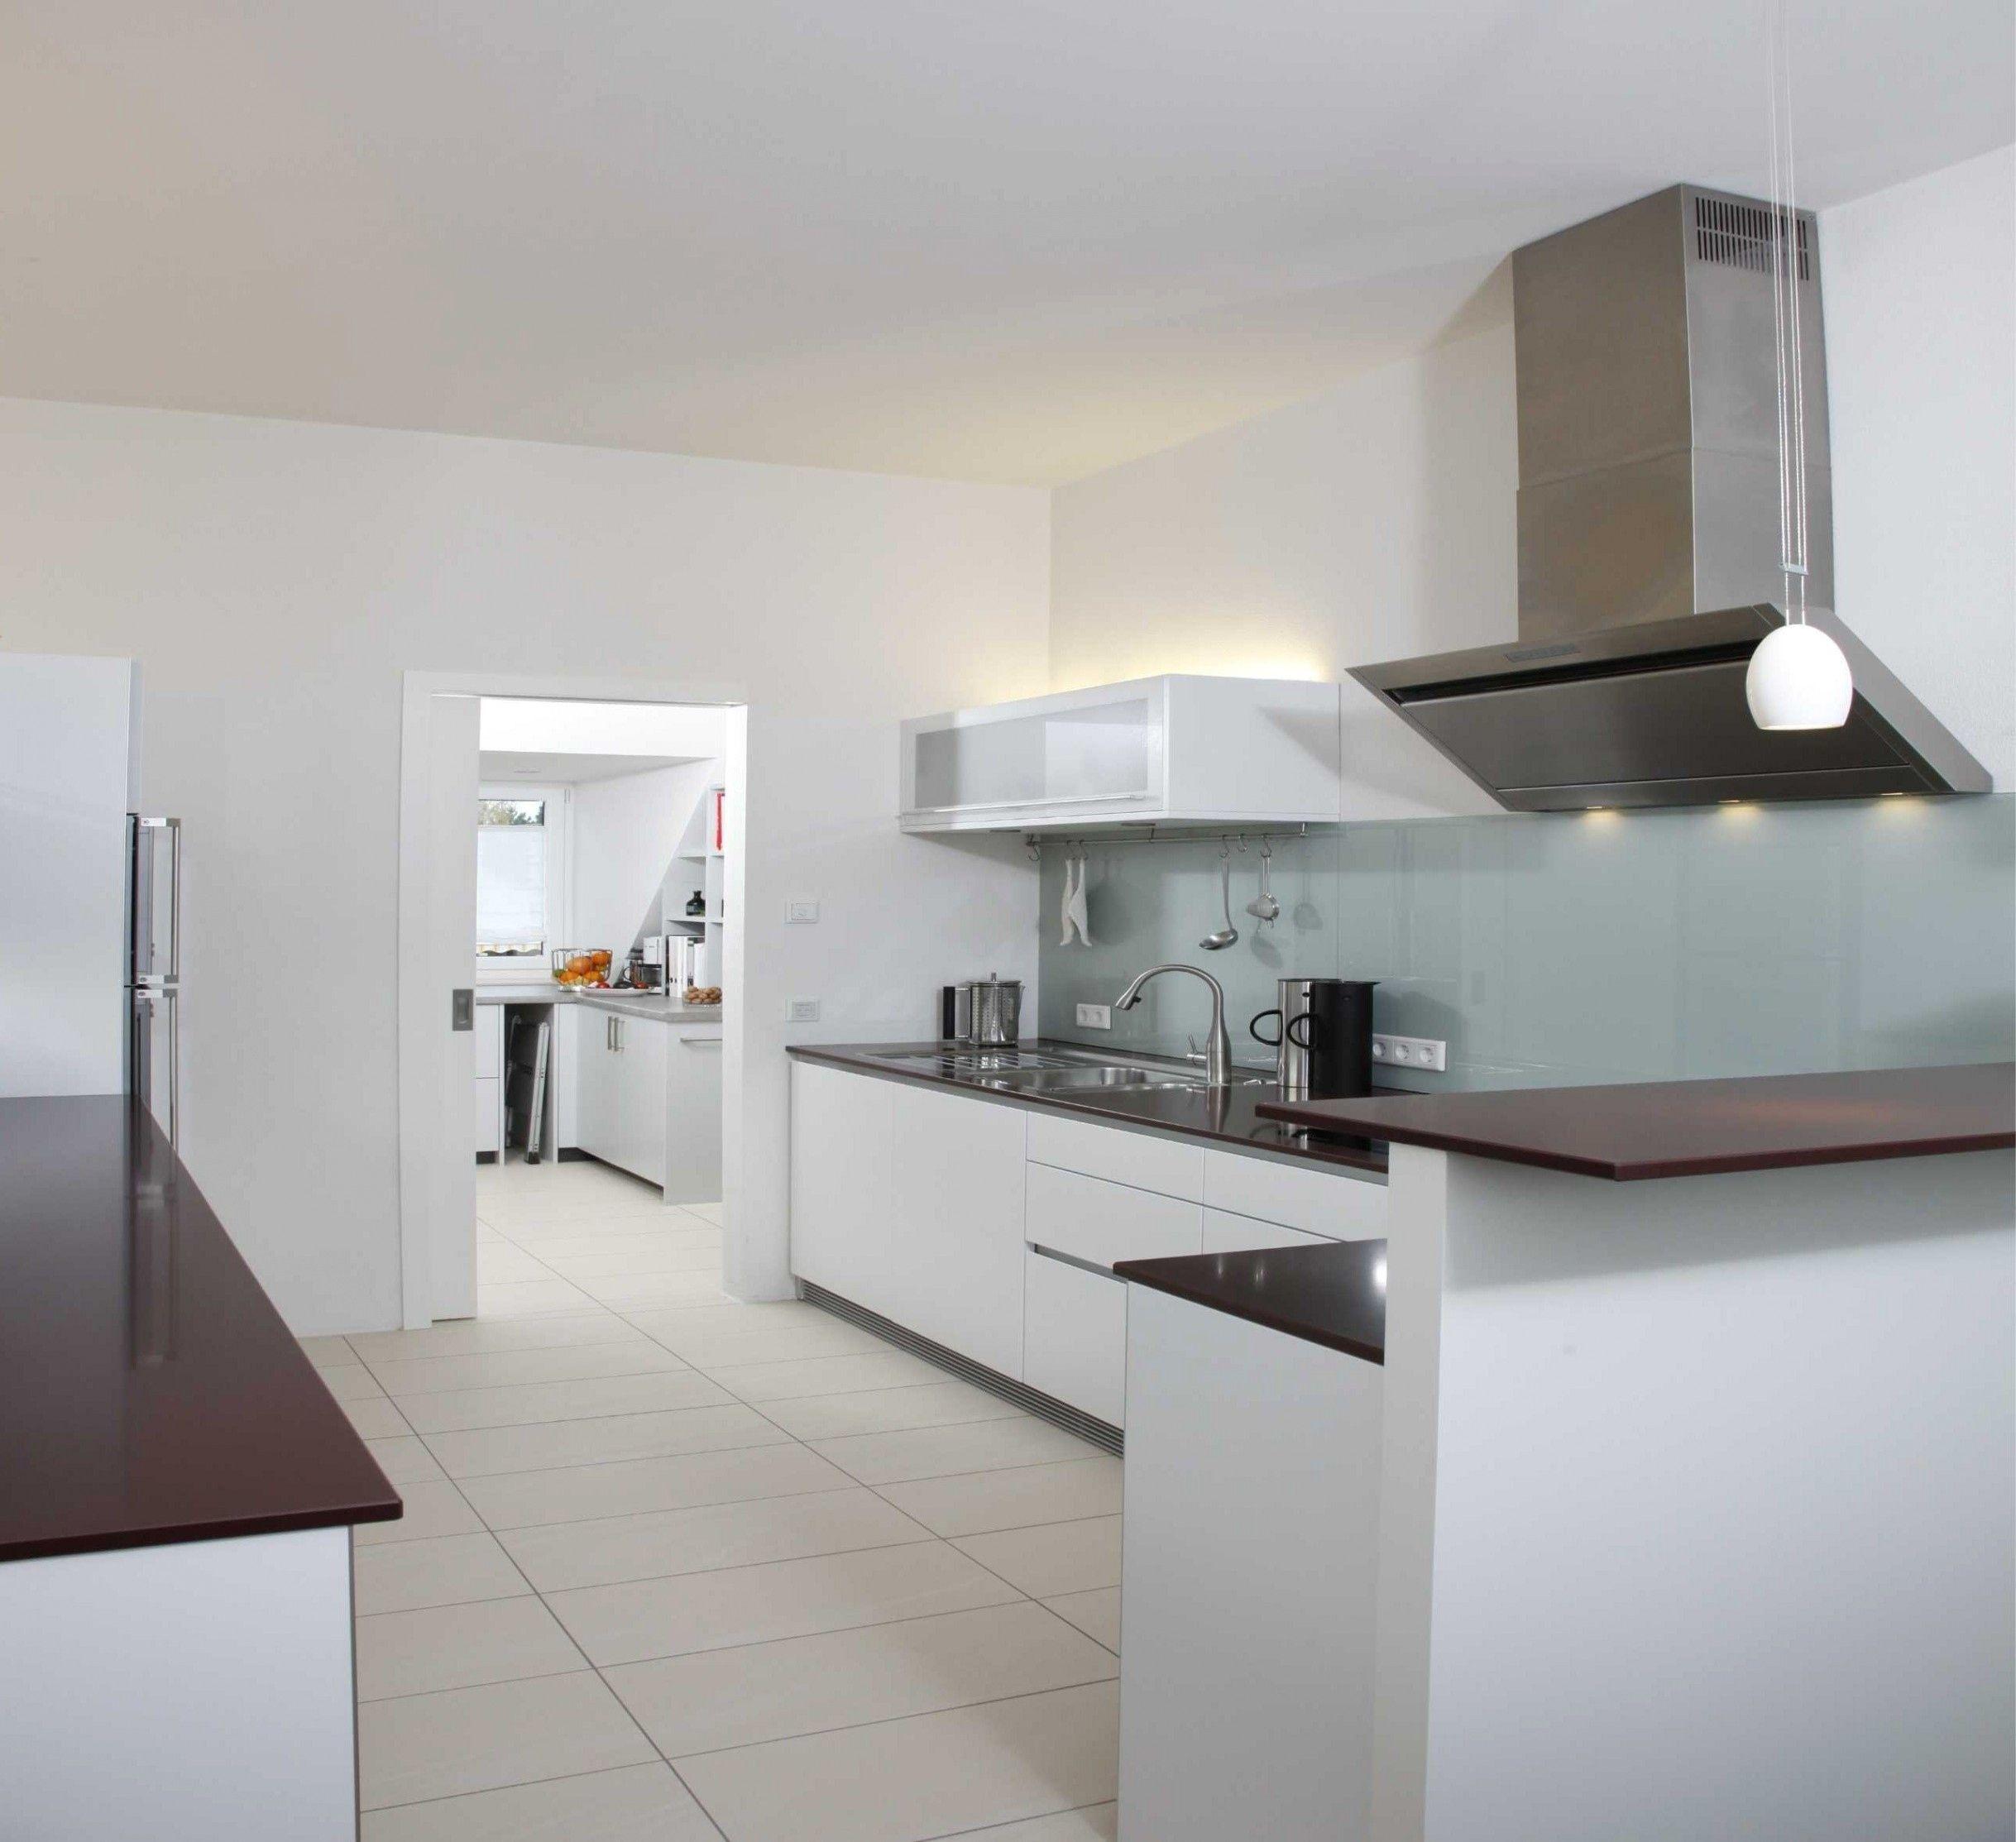 45 Neu Küche Mit Tresen Home decor, Kitchen, House design